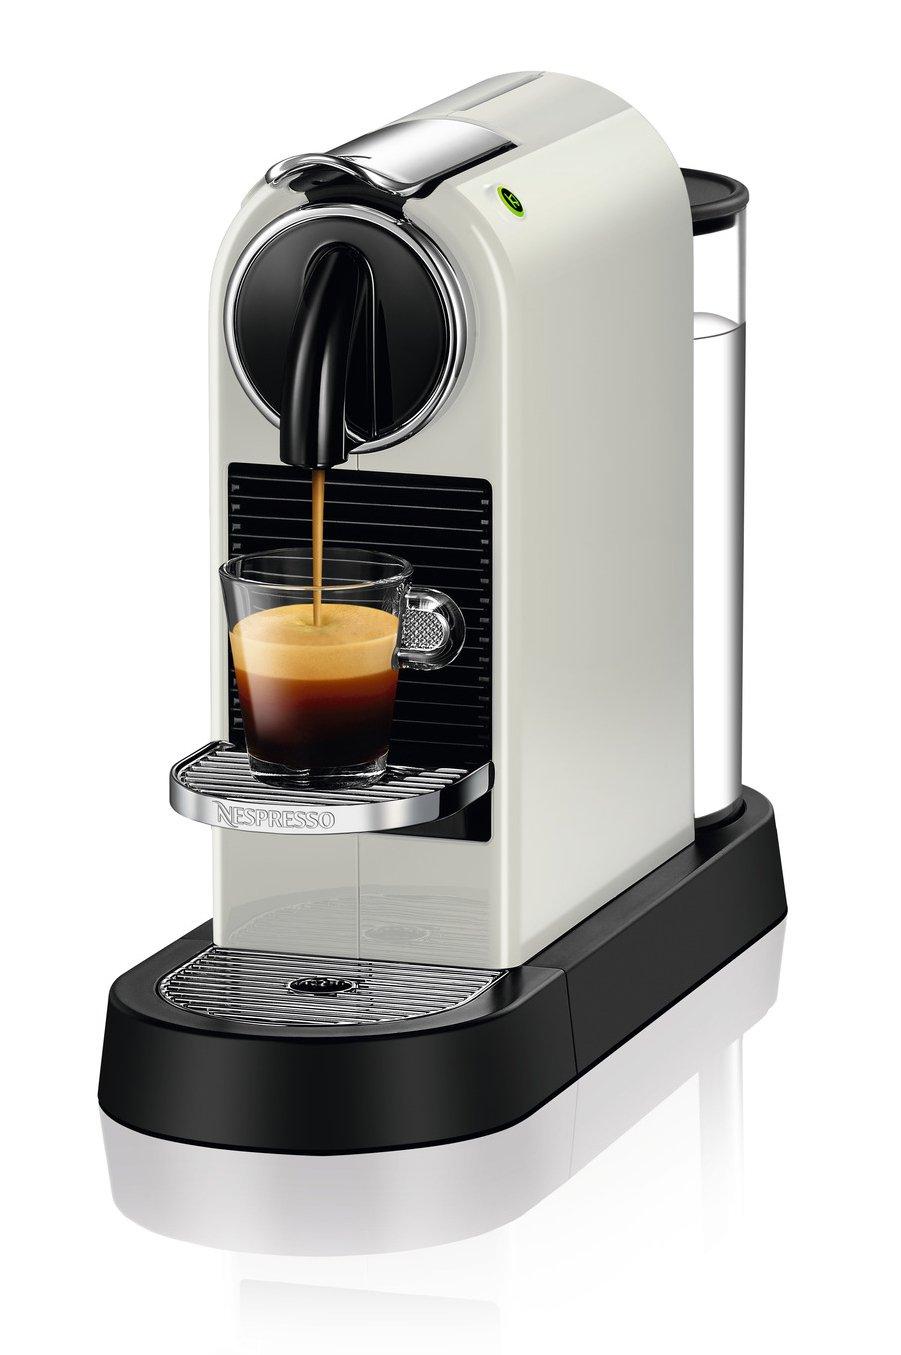 Delonghi Nespresso Citiz - Cafetera monodosis, 19 bares, flow-stop, rejilla adaptable para vaso macchiato, modo ahorro energía, color blanco: Amazon.es: ...